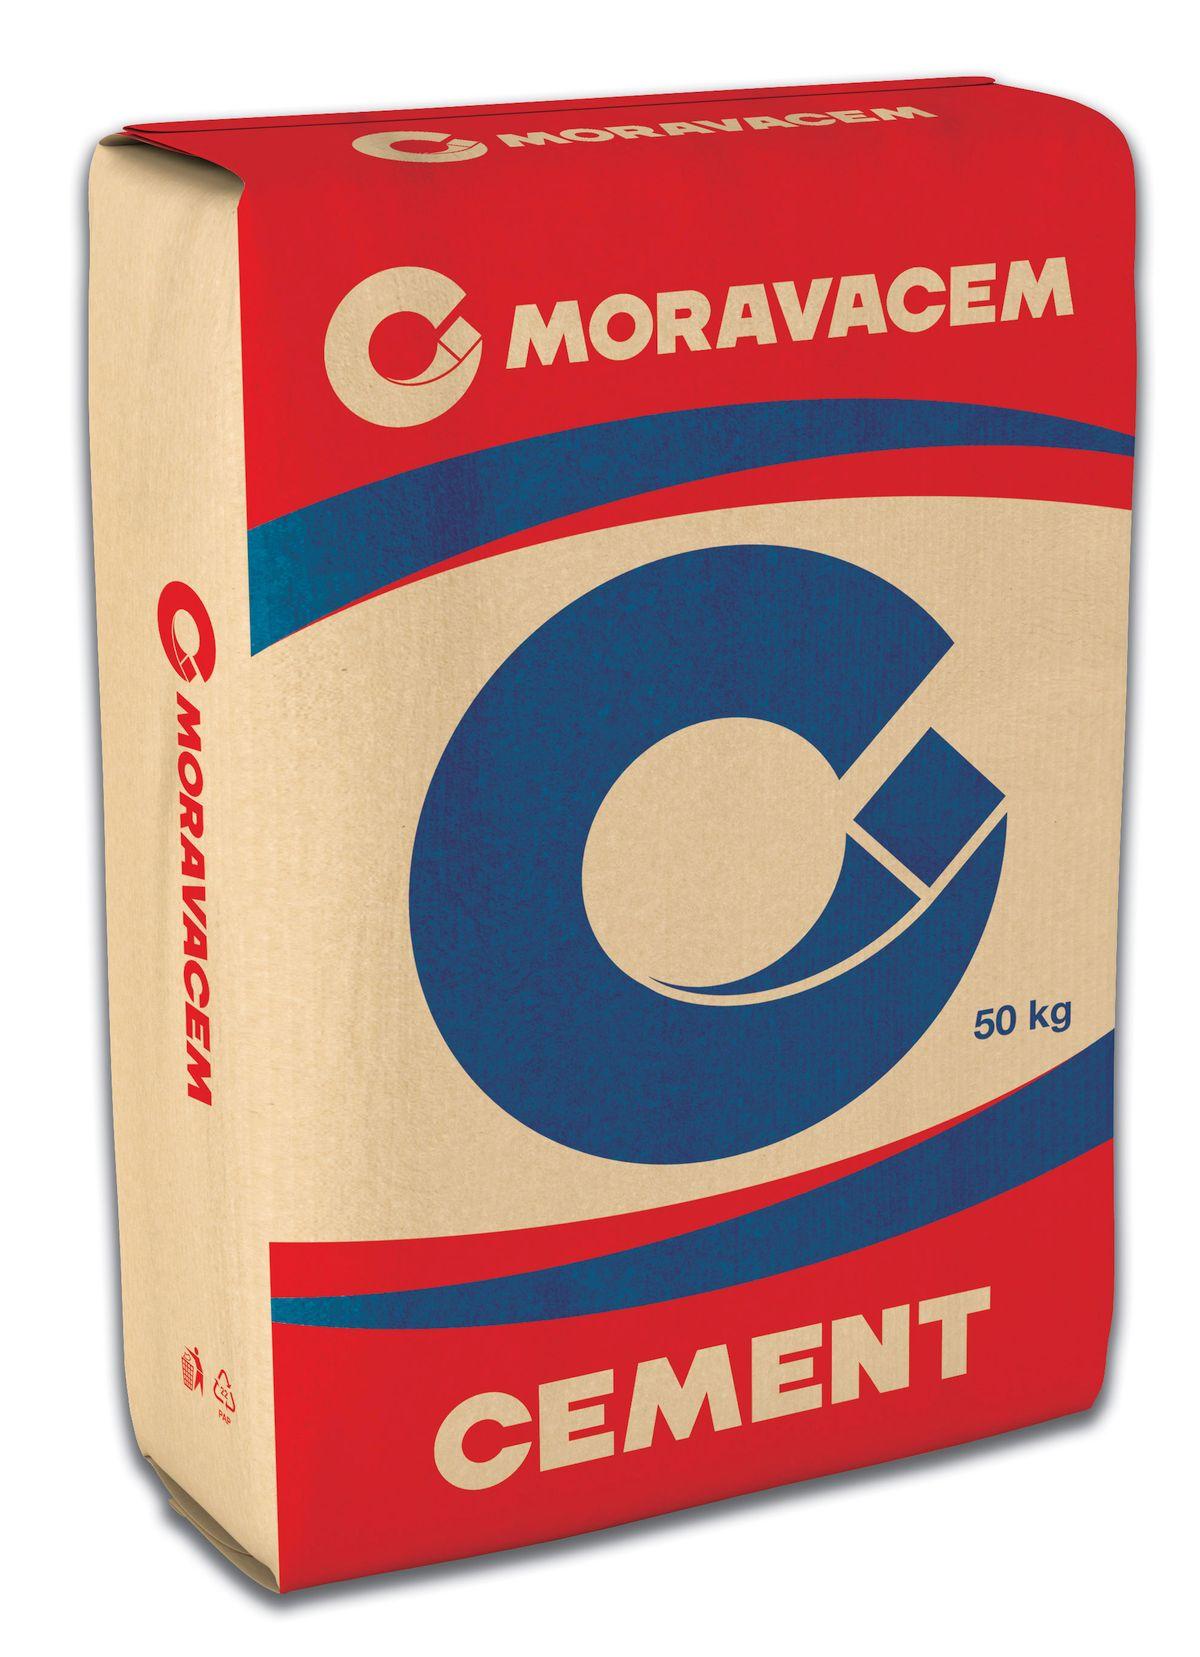 Moravacem Cement